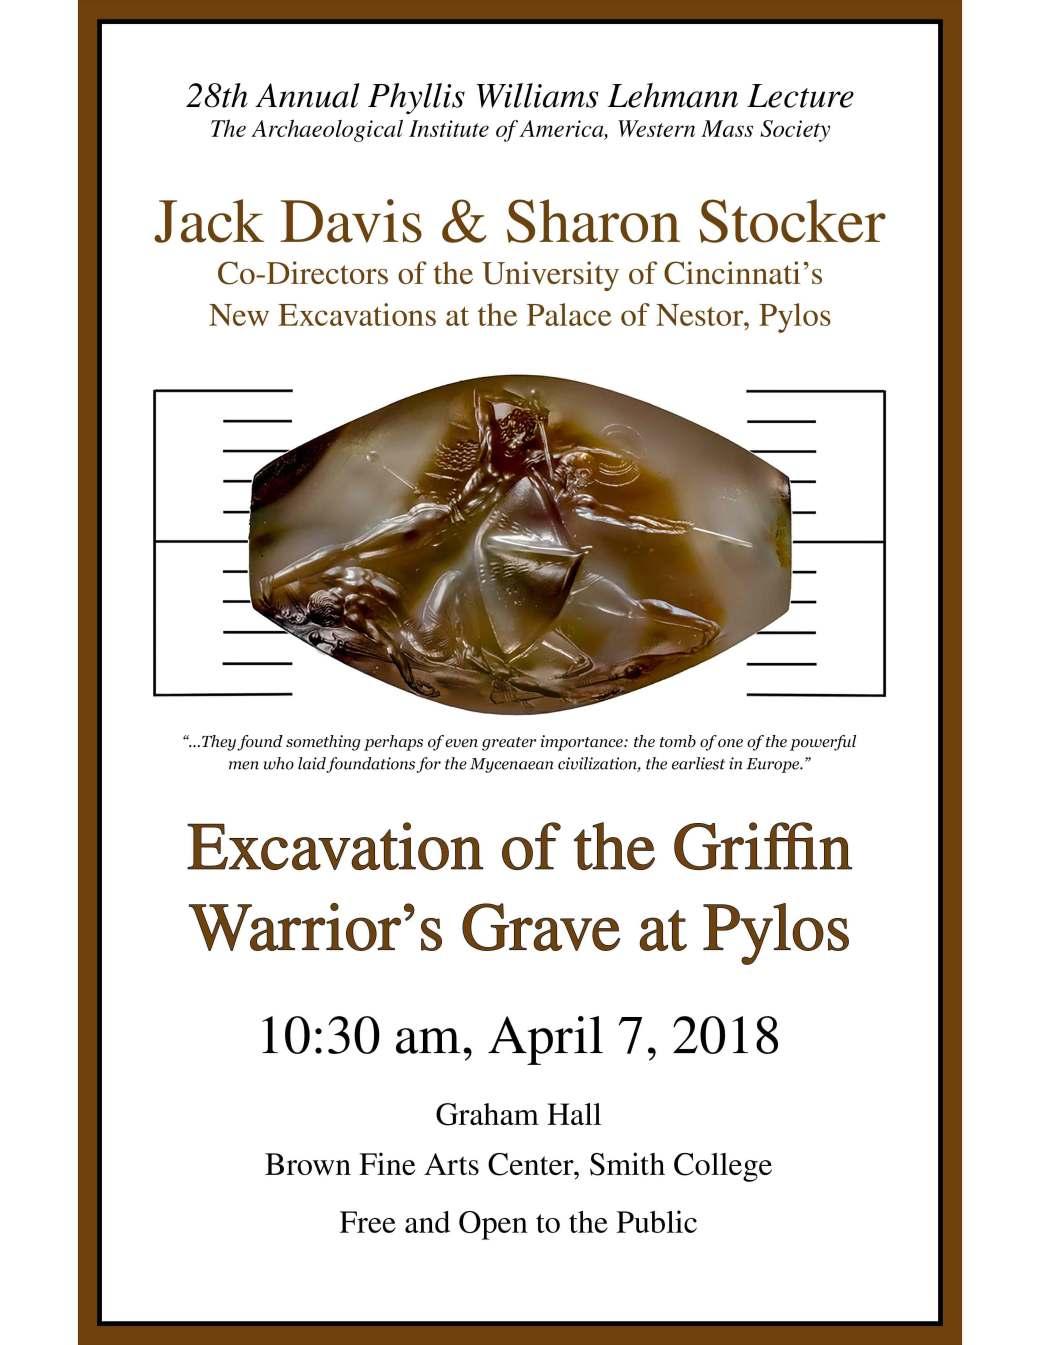 Davis-Stocker Poster 4-18